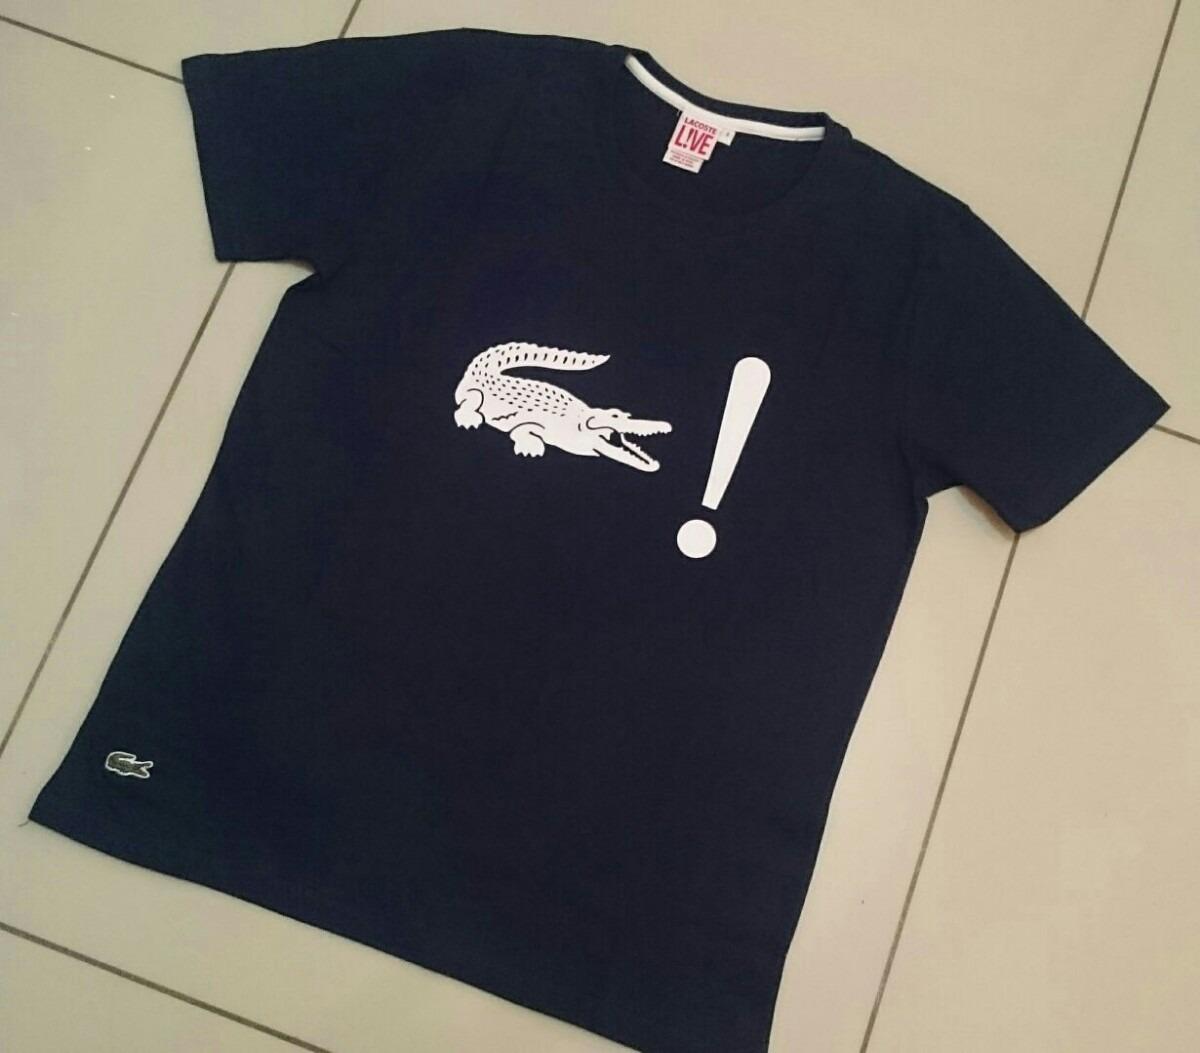 Camisetas Lacoste Live Lançamento Peruanas - R  69,90 em Mercado Livre 83b6094f44